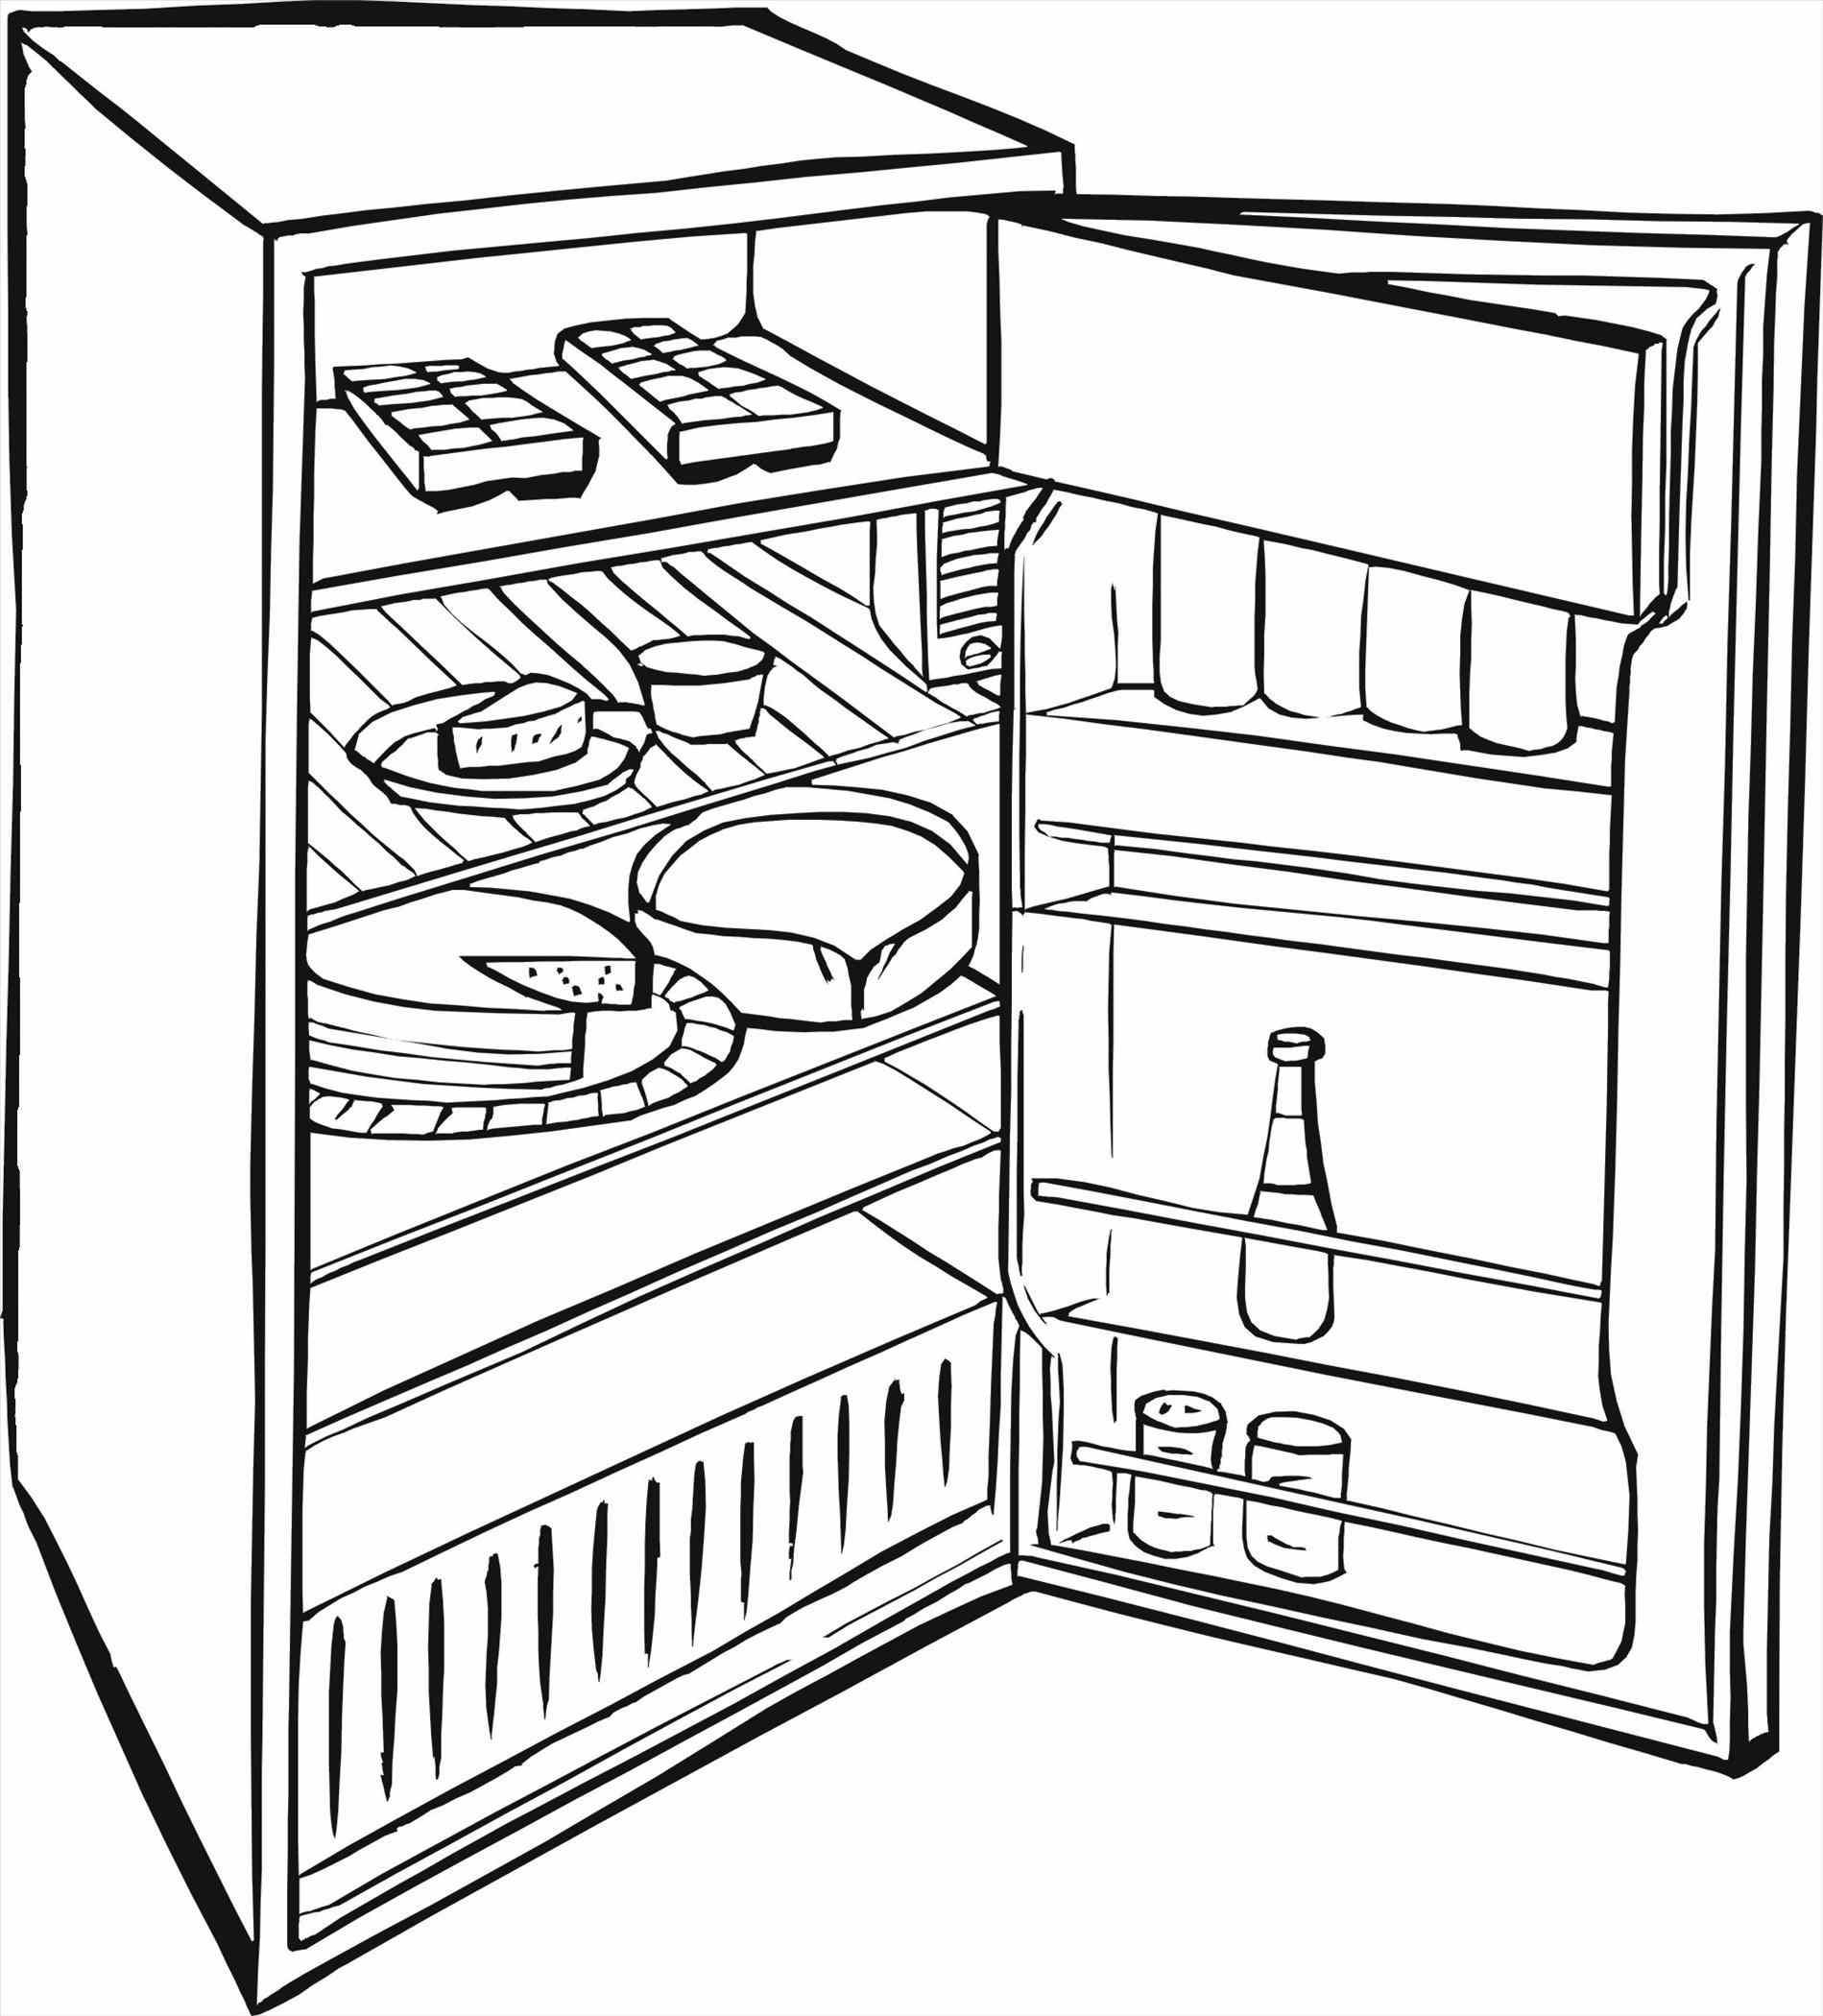 Refrigerator Drawing At Getdrawings